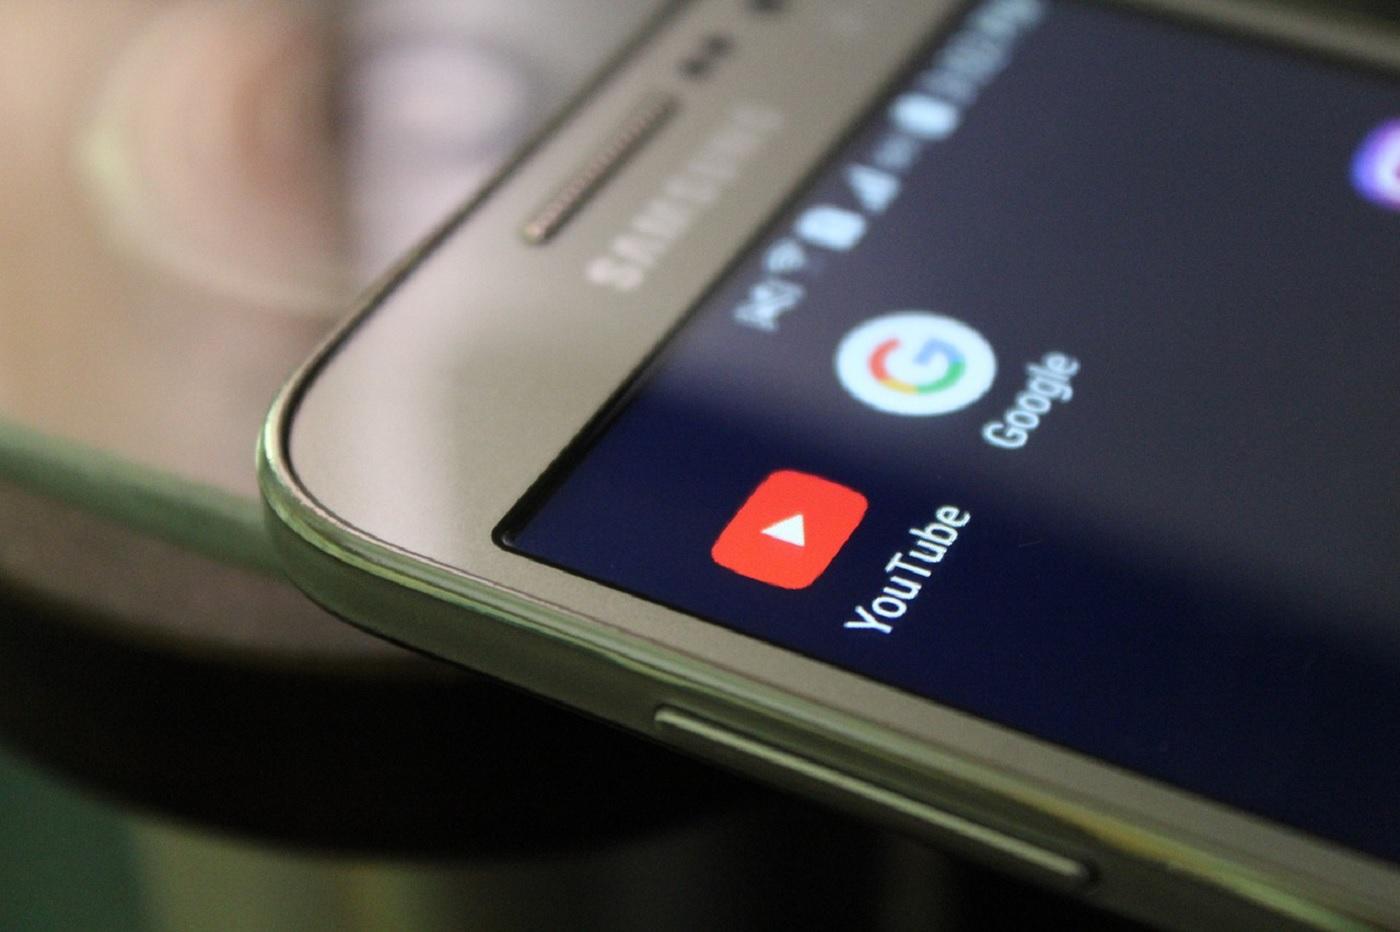 YouTube et Google sur un smartphone Android